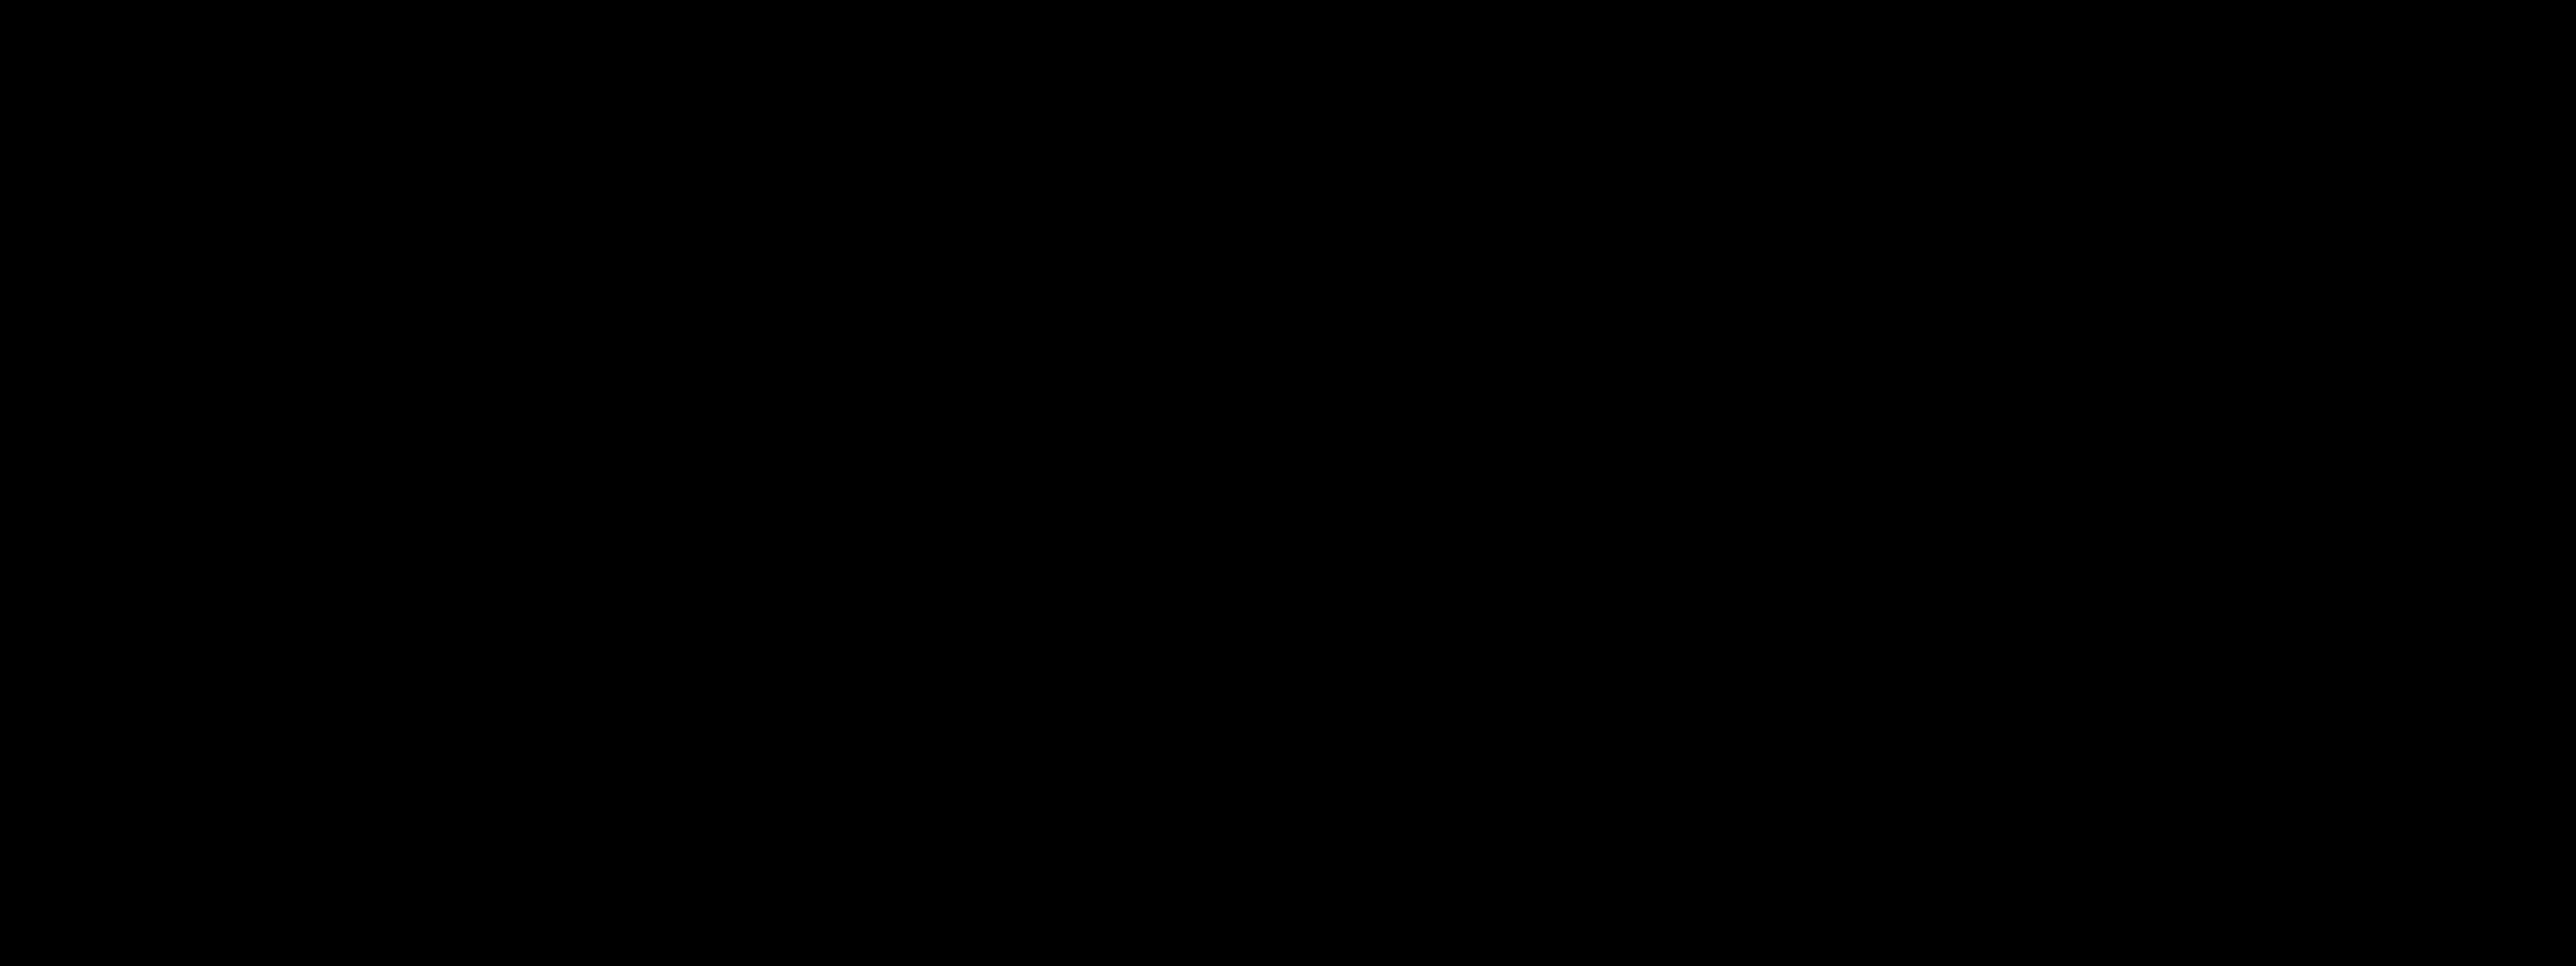 Friendship Inn